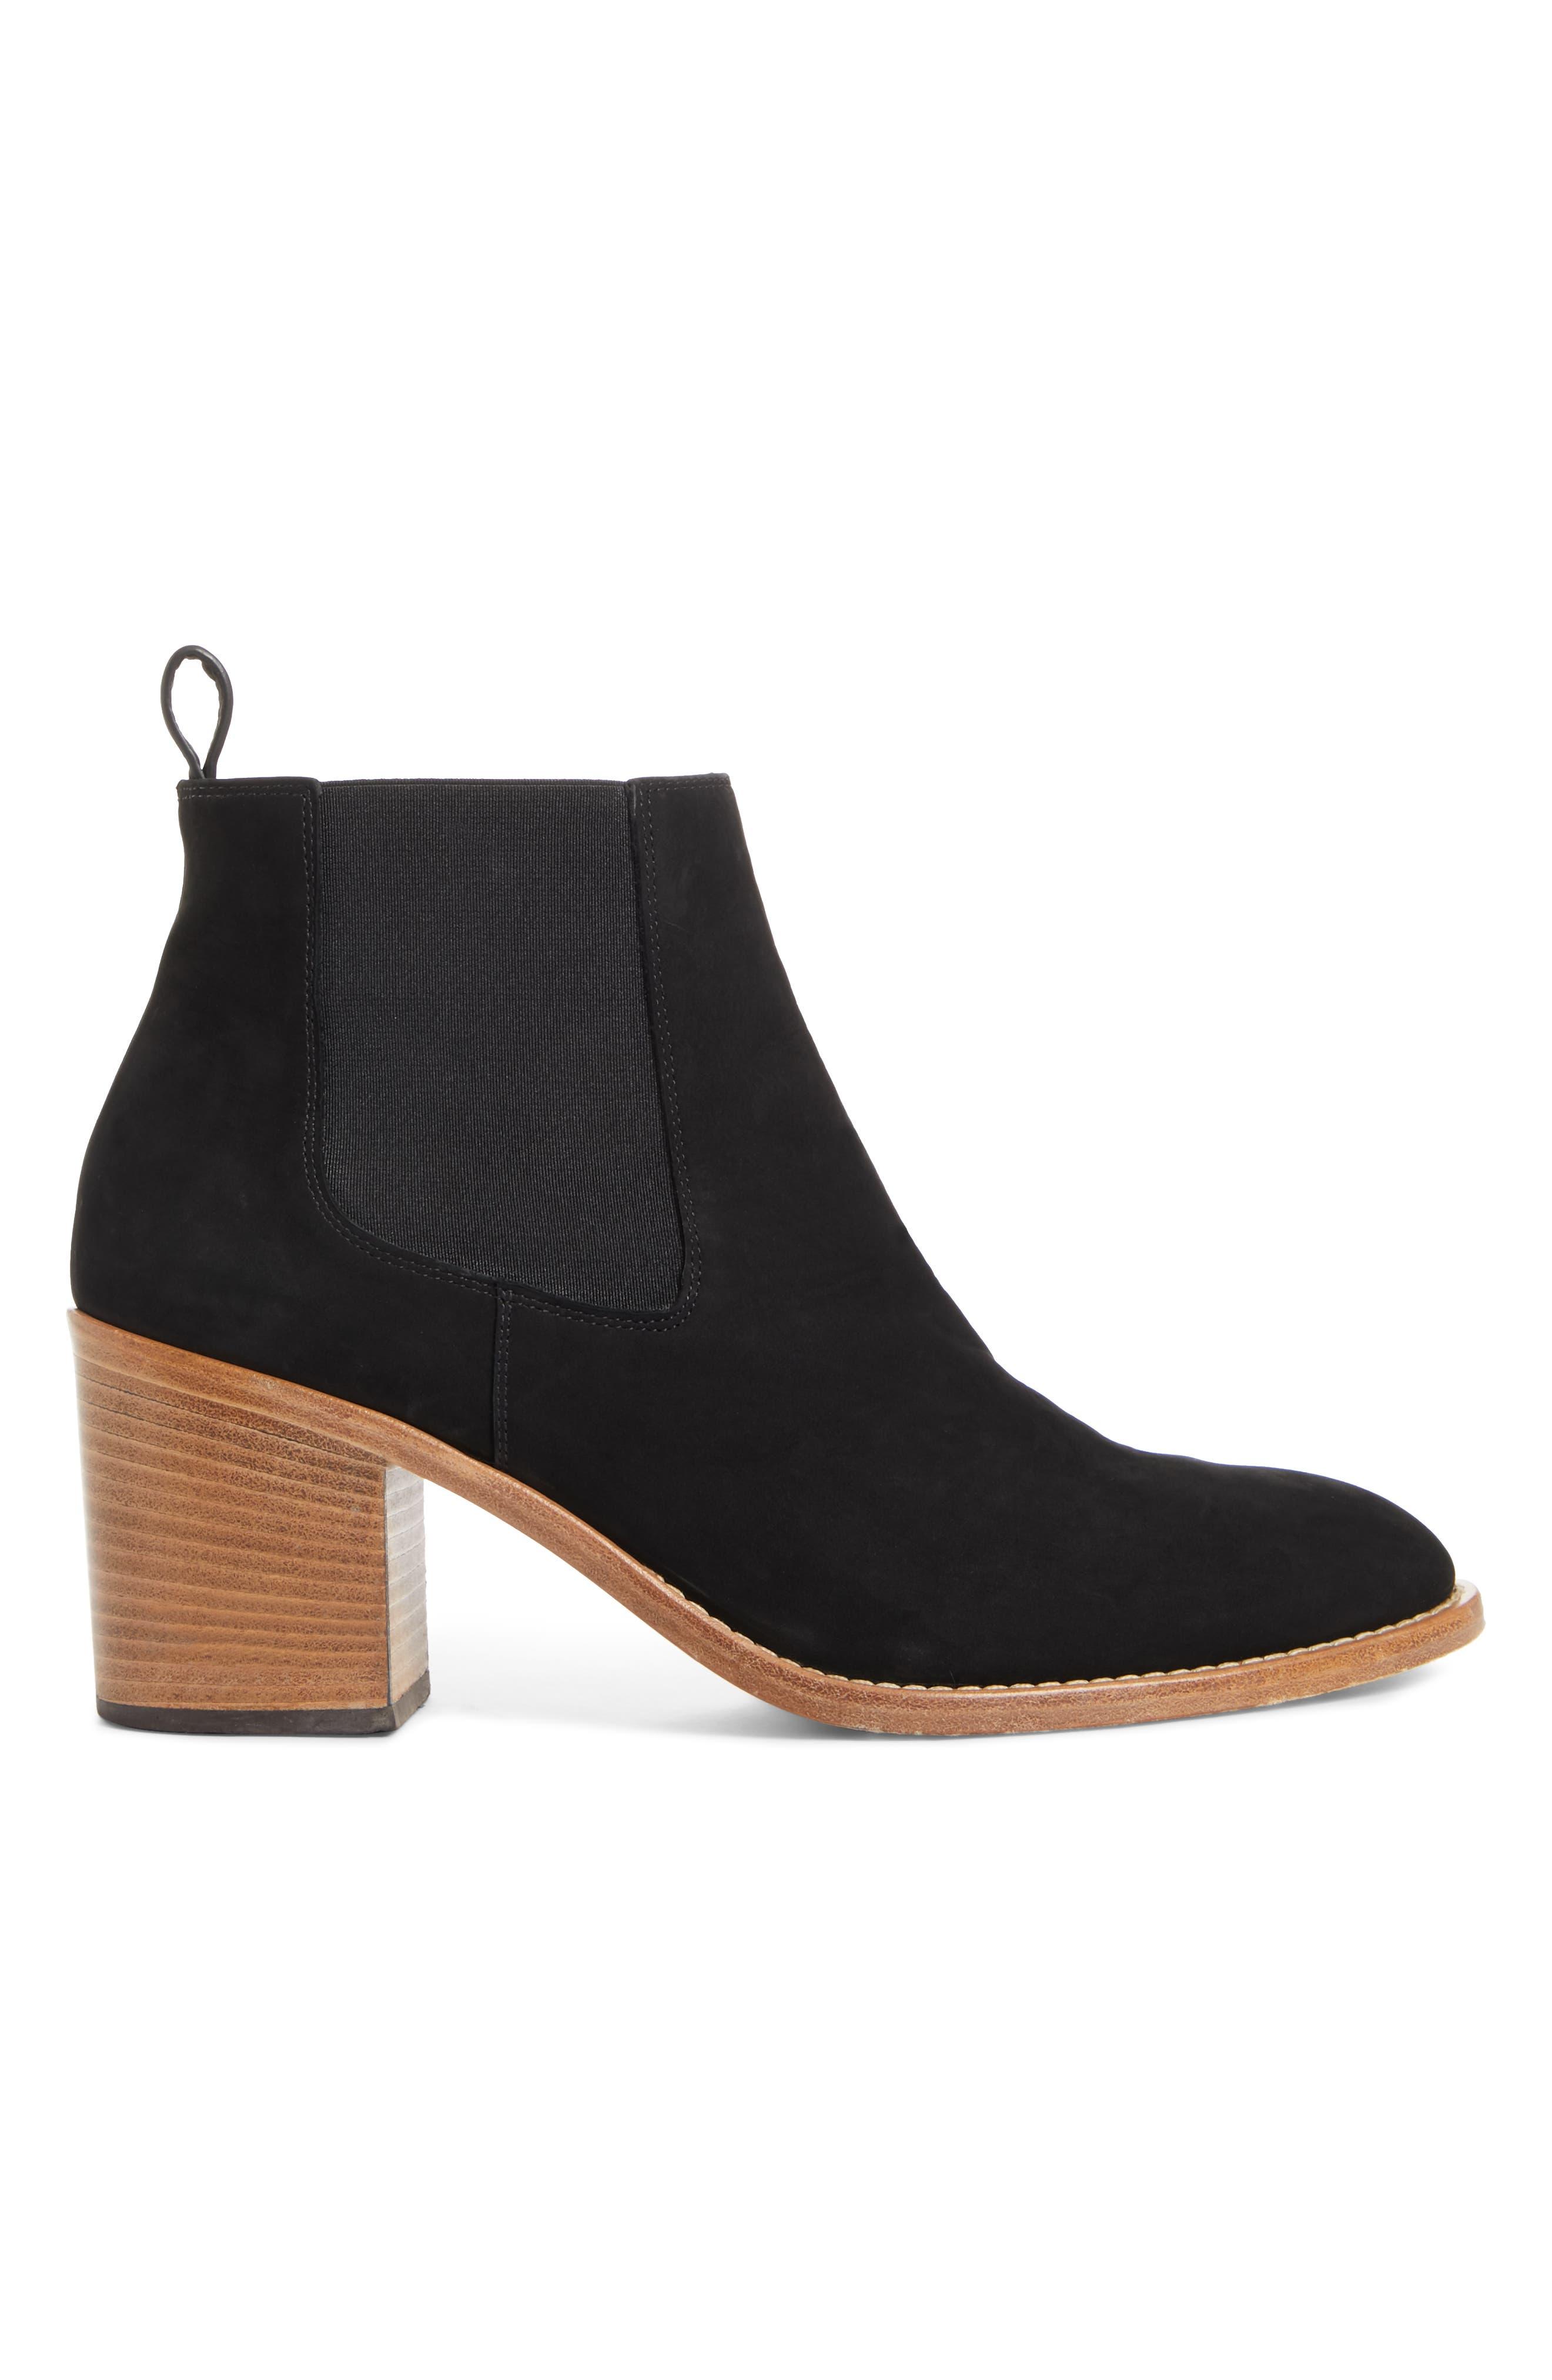 8a12f81c9591 Women's Shoes Sale | Nordstrom